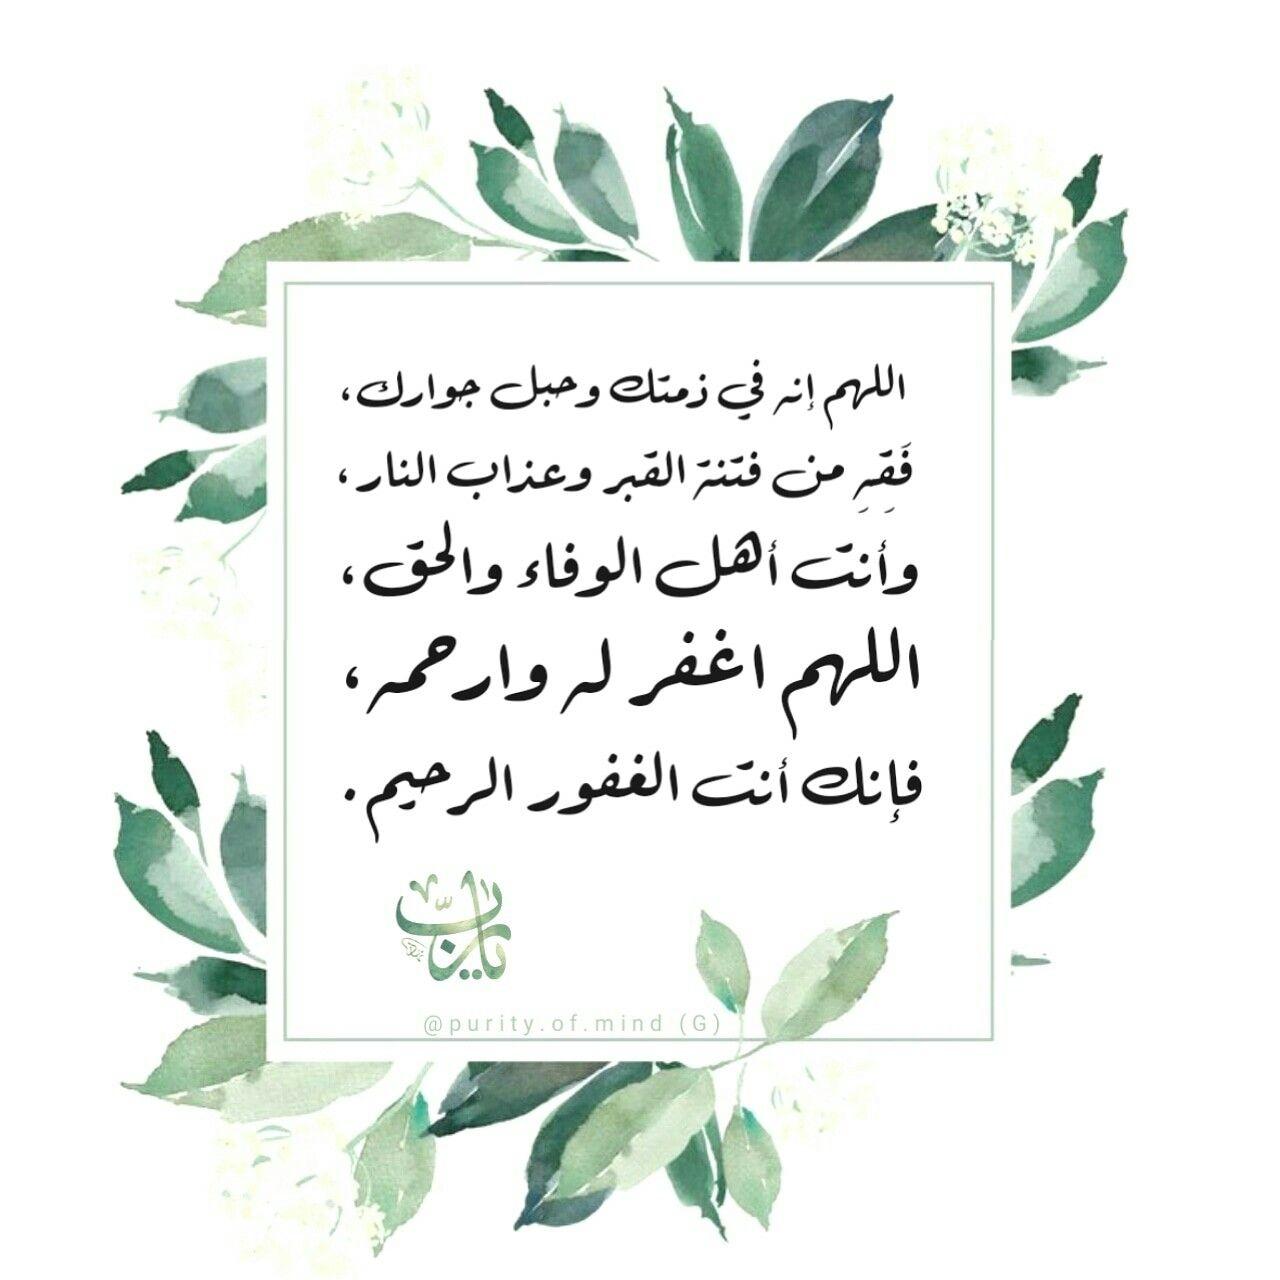 نسألكم الدعاء لعمي الغالي بالرحمة والمغفرة إنا لله وإنا إليه راجعون اللهم إنه في ذمتك وحبل جوارك Quran Quotes Love Islamic Quotes Quran Muslim Quotes